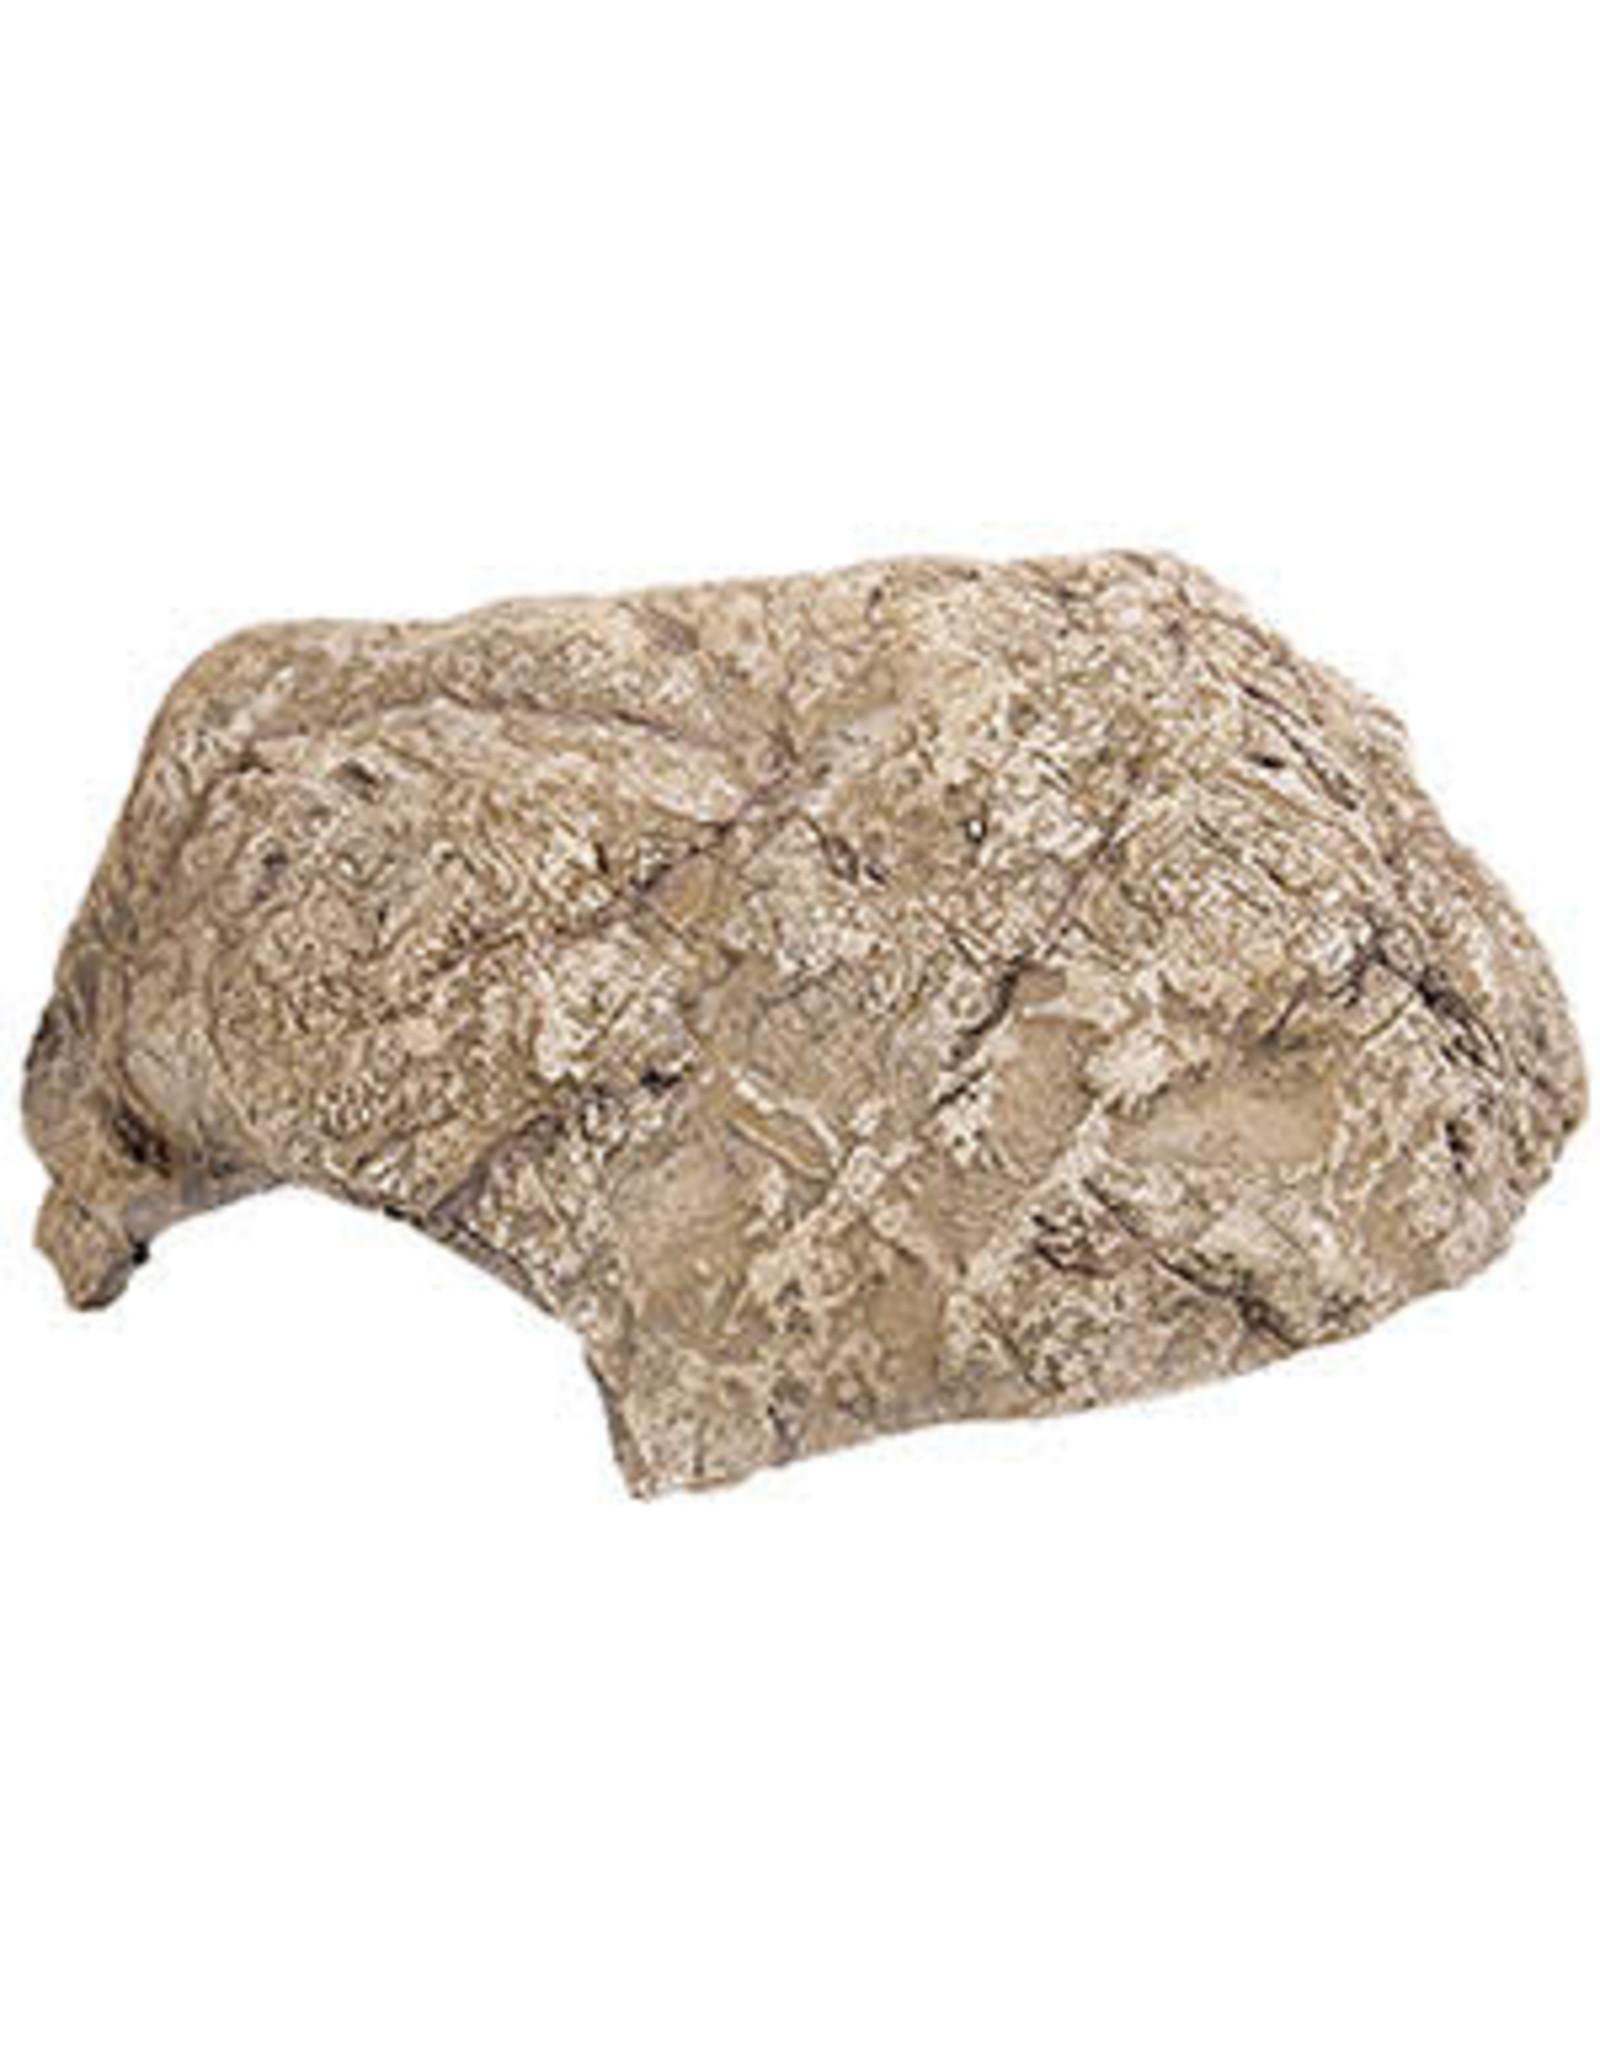 Fadulla RS Reptile Cavern 25 x 21 x 10cm